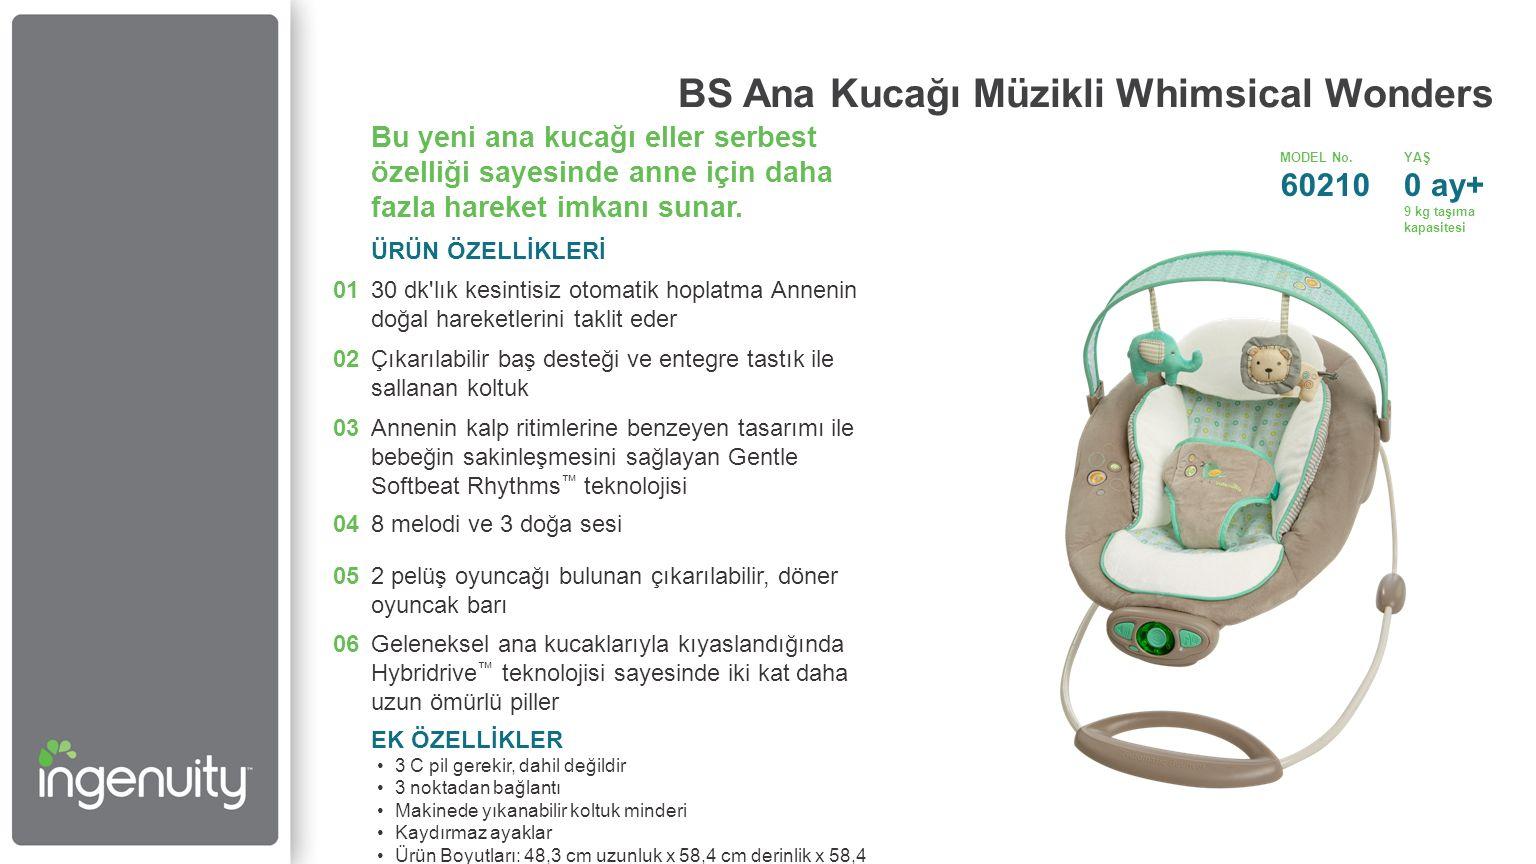 BS Ana Kucağı Müzikli Whimsical Wonders Bu yeni ana kucağı eller serbest özelliği sayesinde anne için daha fazla hareket imkanı sunar.